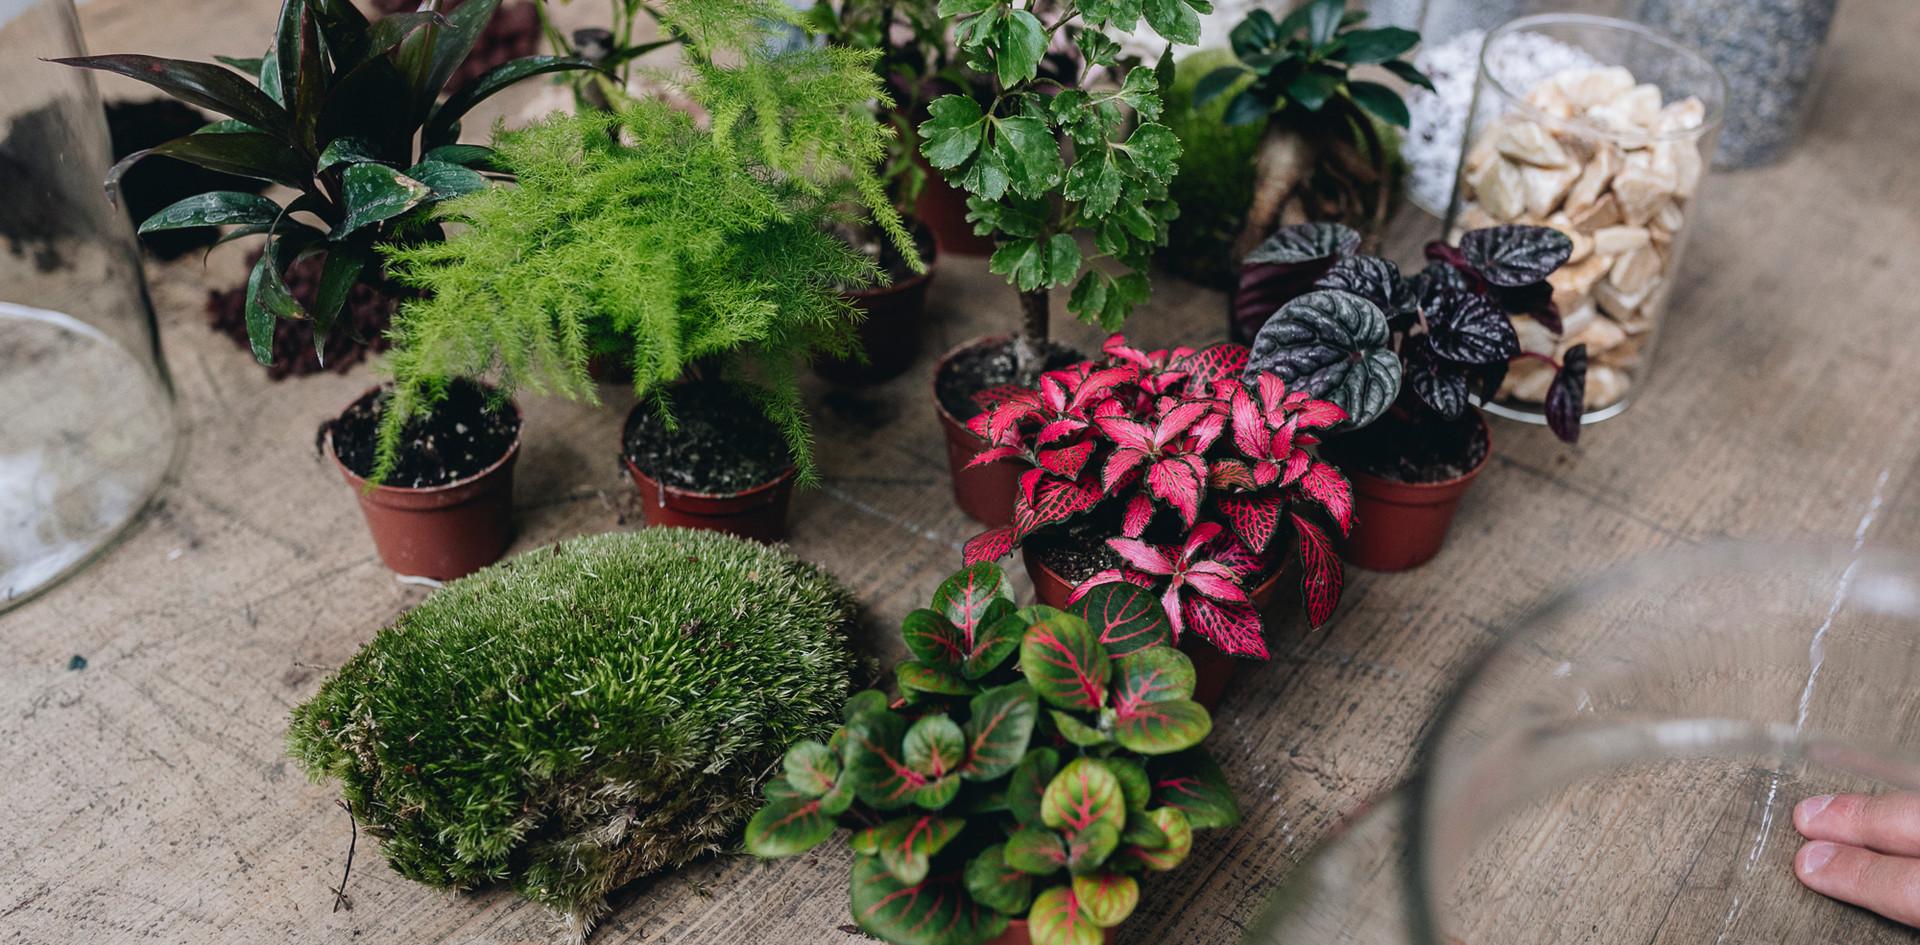 Fittonias, asparagus, pilea, peperomia, décoration et substrats lors d'un atelier terrarium à Lyon, Rhône Alpes, France chez Onno jardins intérieurs